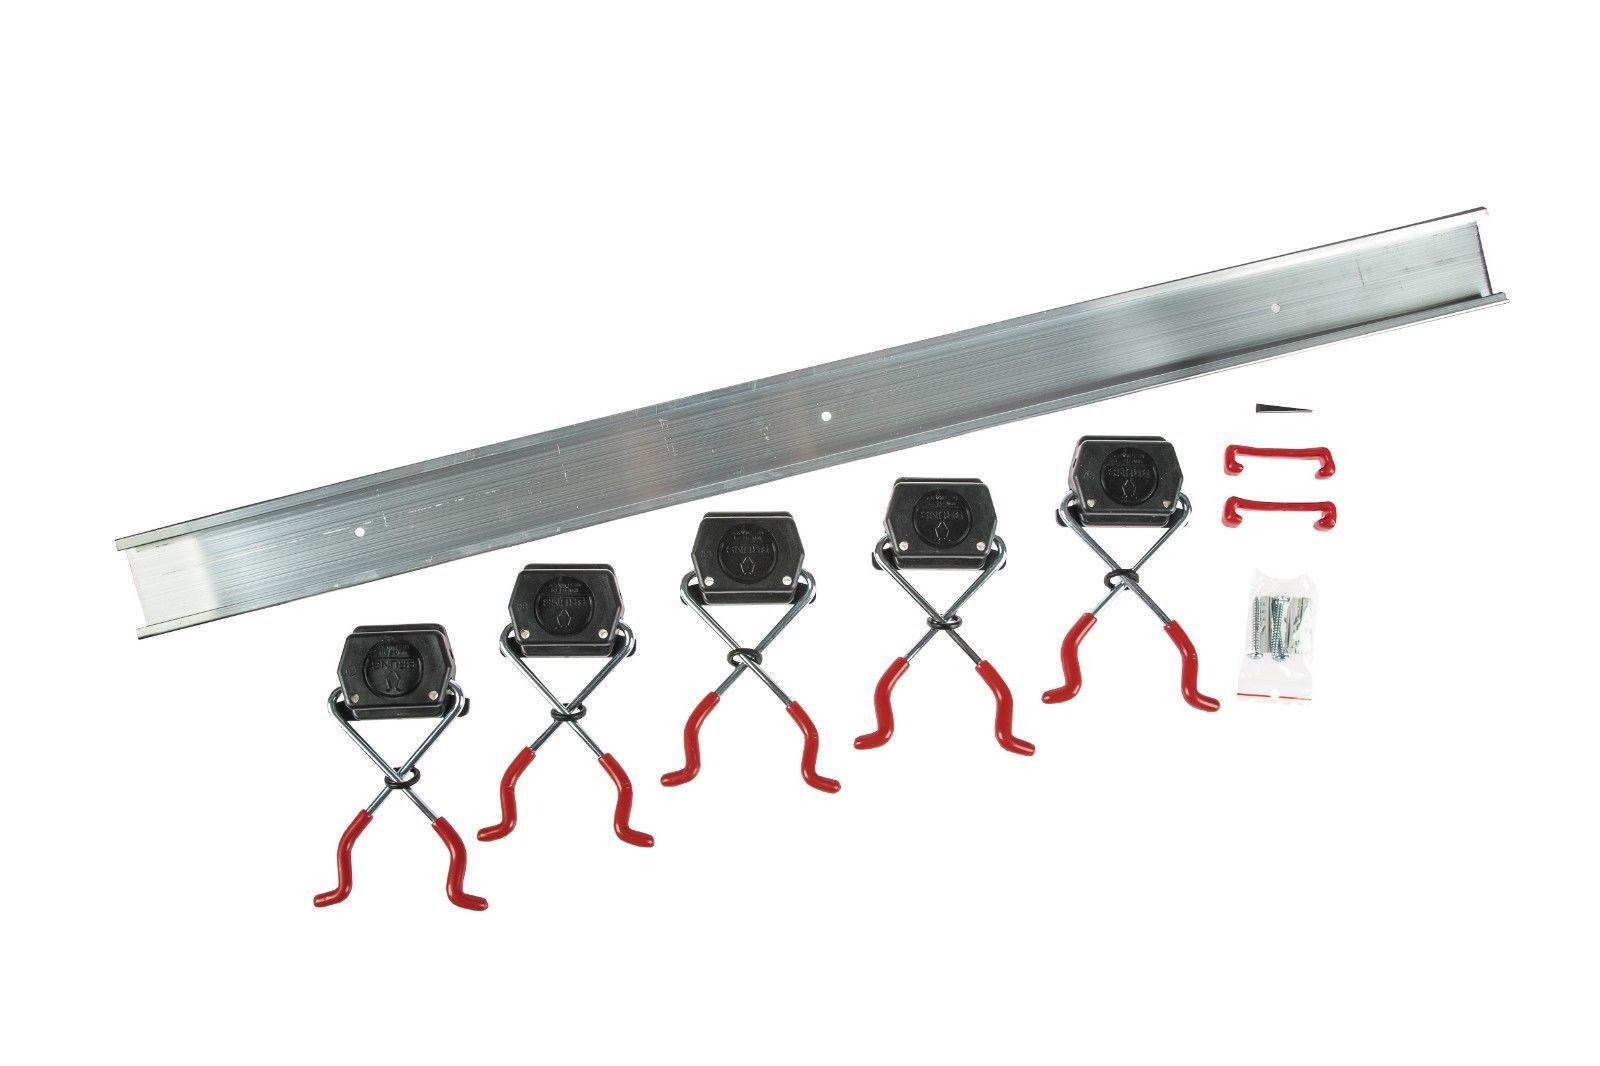 Bruns Alu Geräteleiste 0,5m 3 Halter Gerätehalter Werkzeugleiste Werkzeug Besen